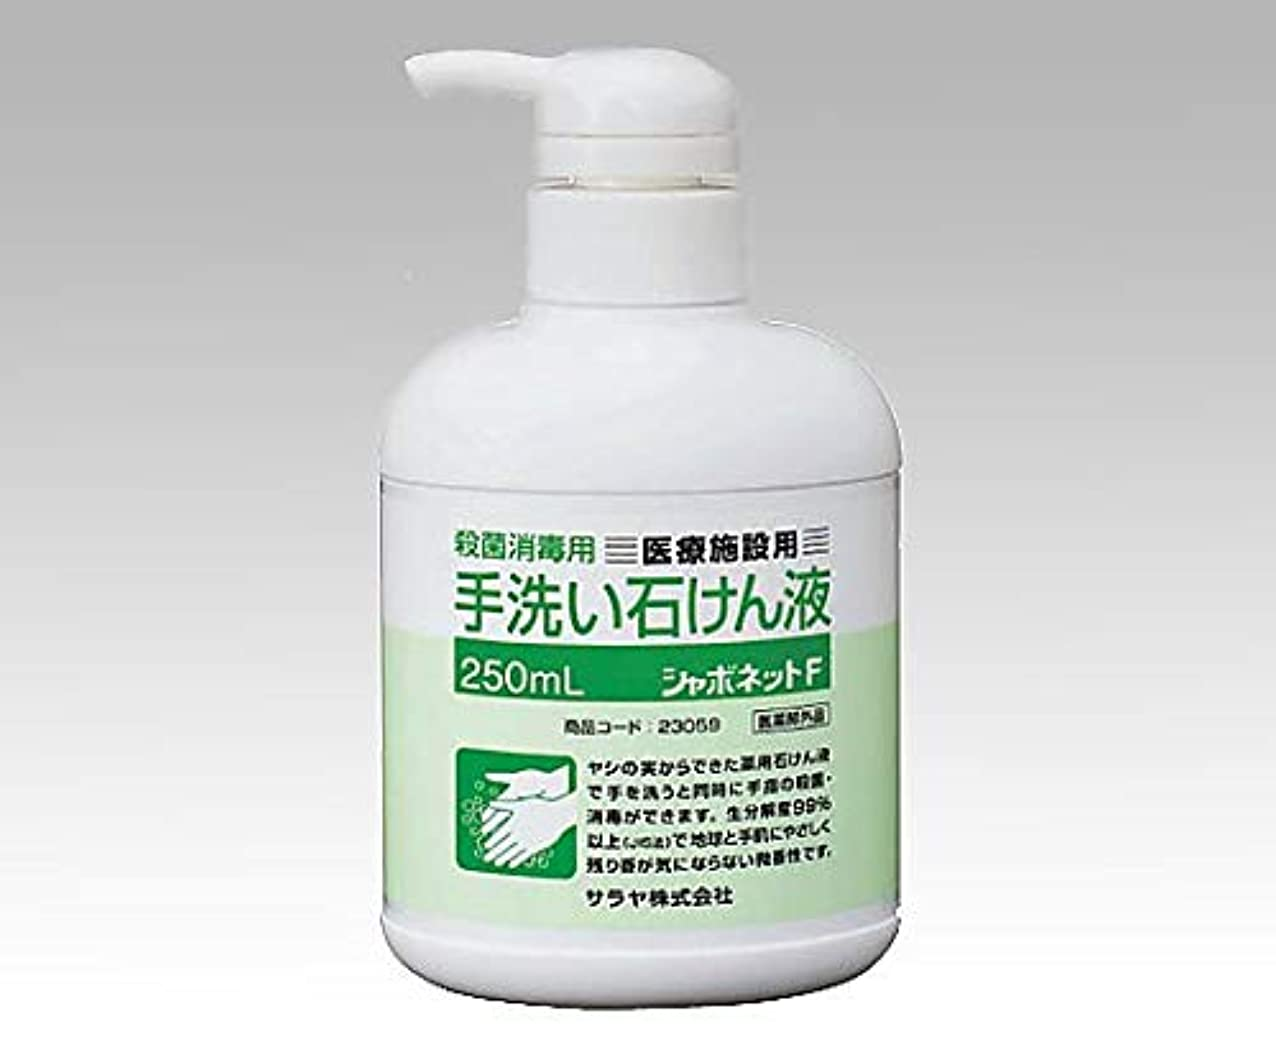 石鹸液 23060 詰替用